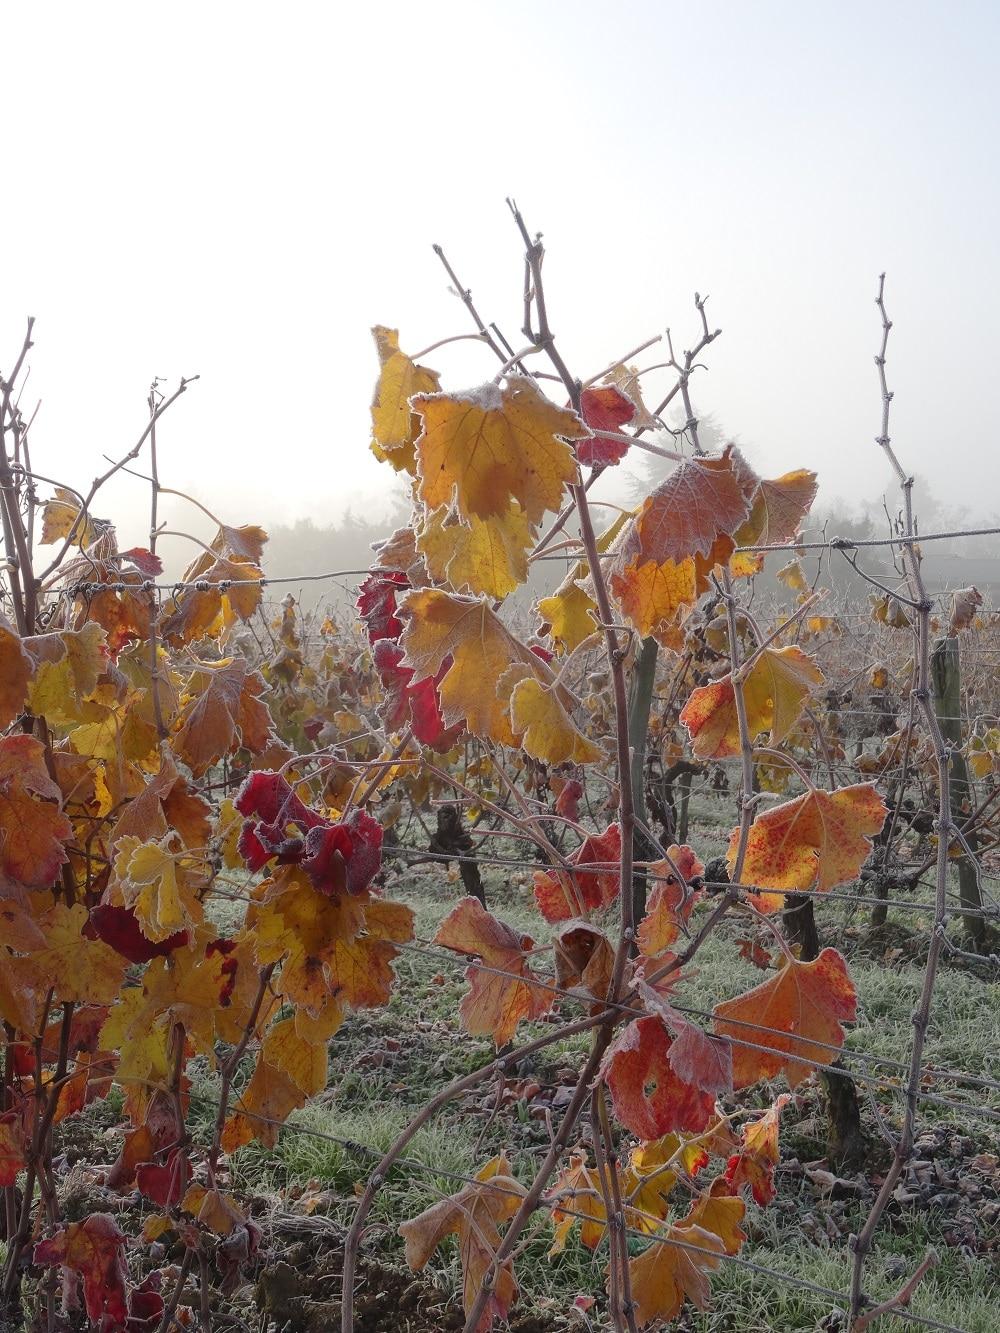 Premières gelées sur feuilles d'automne dans l'Entre-deux-Mers